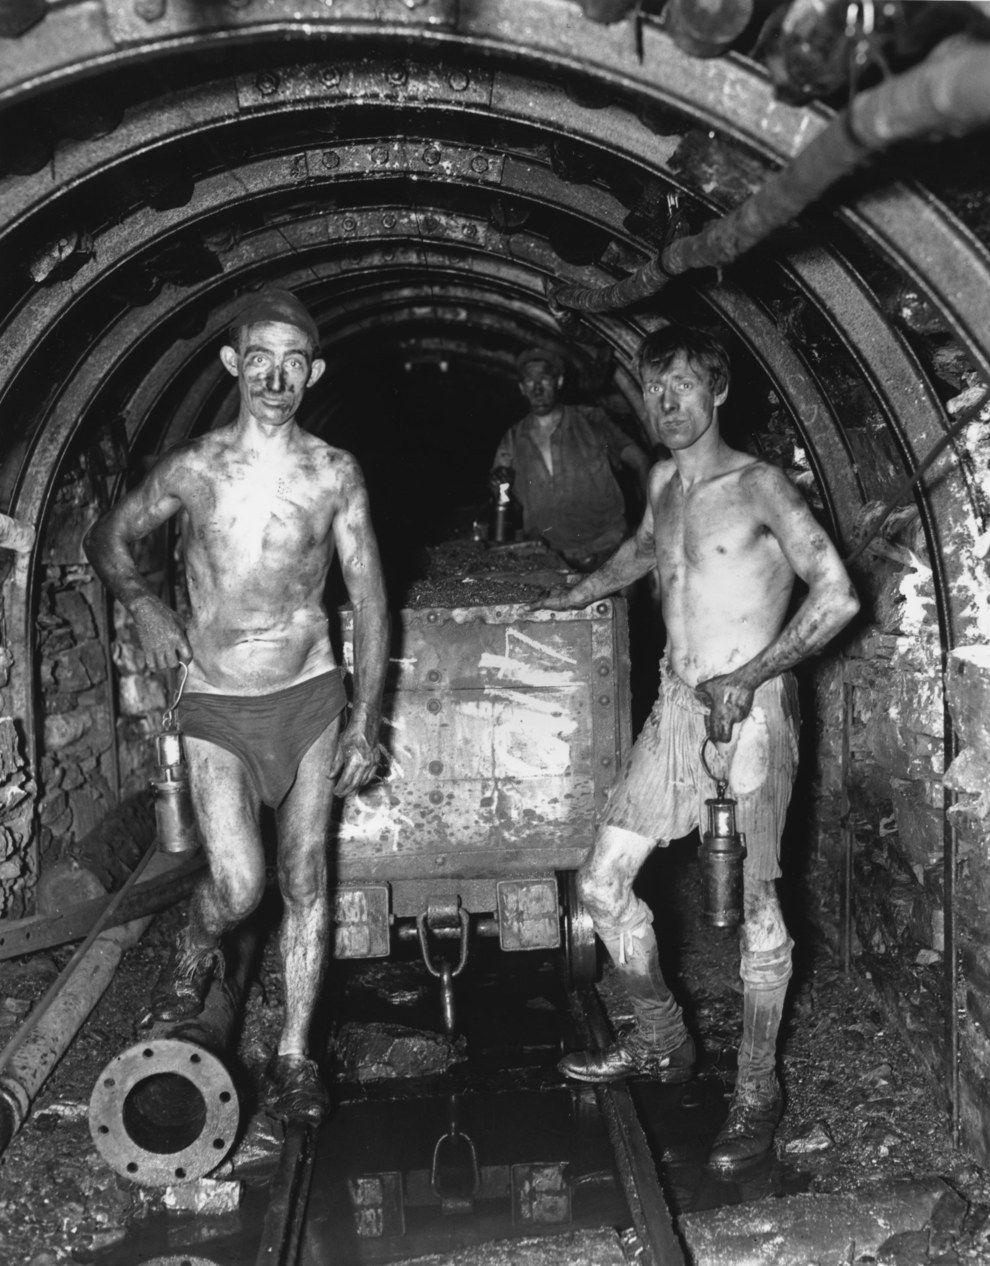 фото черно белое принадлежности шахтеров собственных